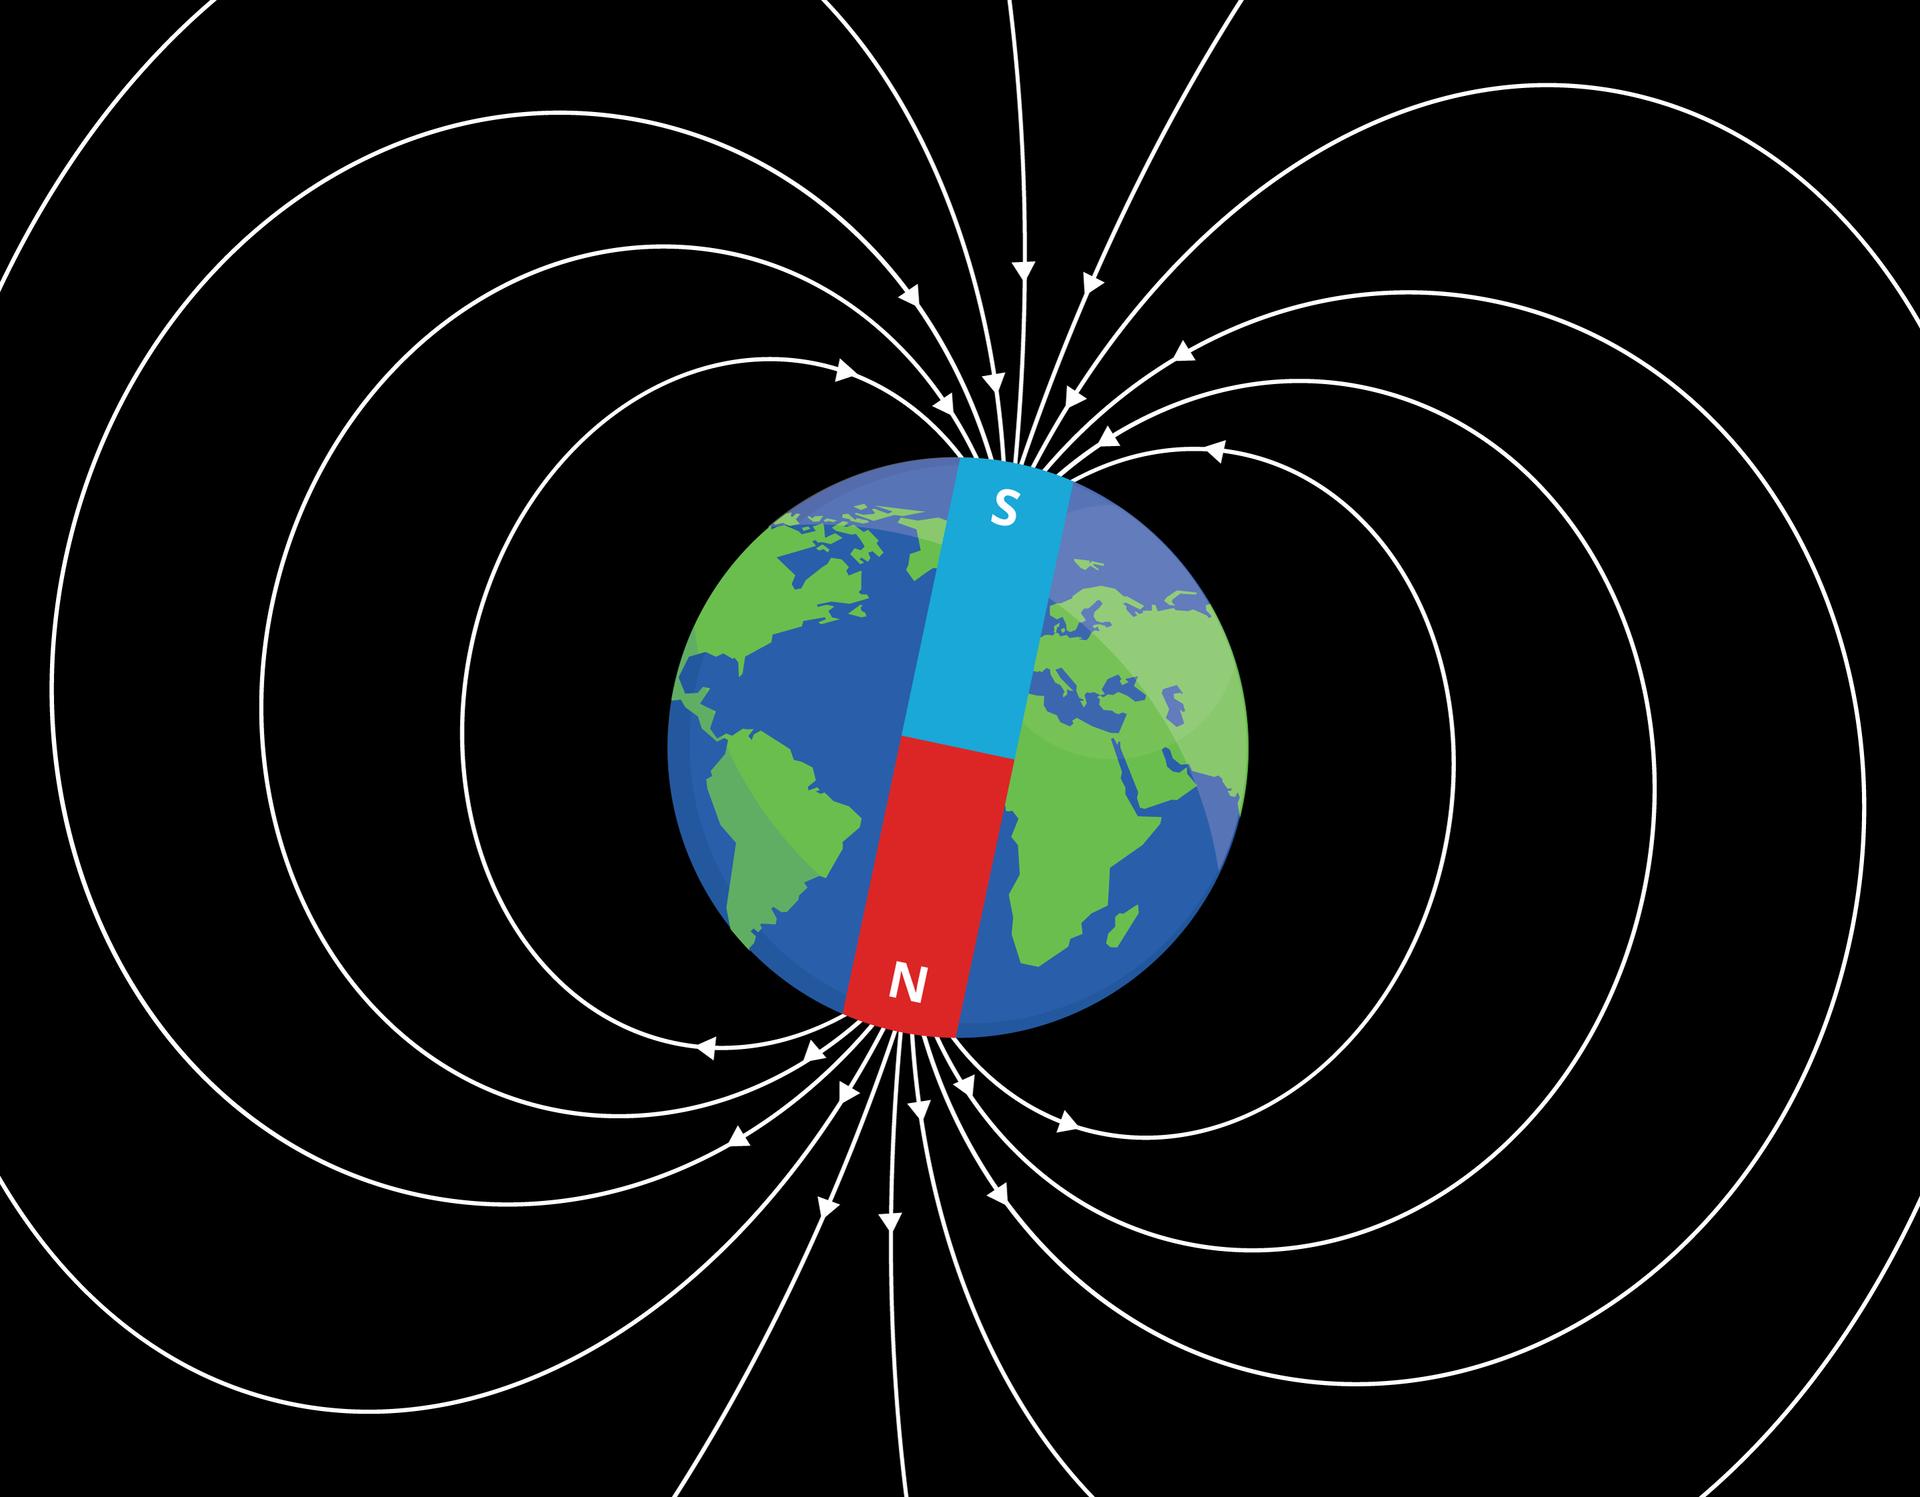 Ilustracja przedstawia rozkład linii pola magnetycznego. Na środku znajduje się Ziemia. Tło czarne. Ziemię symbolicznie oznaczono magnesem sztabkowym. Przy biegunie północnym znajduje się część niebieska zbiałą literą S. Przy biegunie południowym jest część czerwona magnesu zbiałą literą N. Od bieguna południowego Ziemi do bieguna północnego białymi łukowatymi liniami oznaczono pole magnetyczne Ziemie. Linie znajdują zobu stron Ziemi. Na liniach umieszczono strzałki. Strzałki zwrócone ku biegunowi północnemu. Łuki są tym większe, im dalej znajdują się od Ziemi.